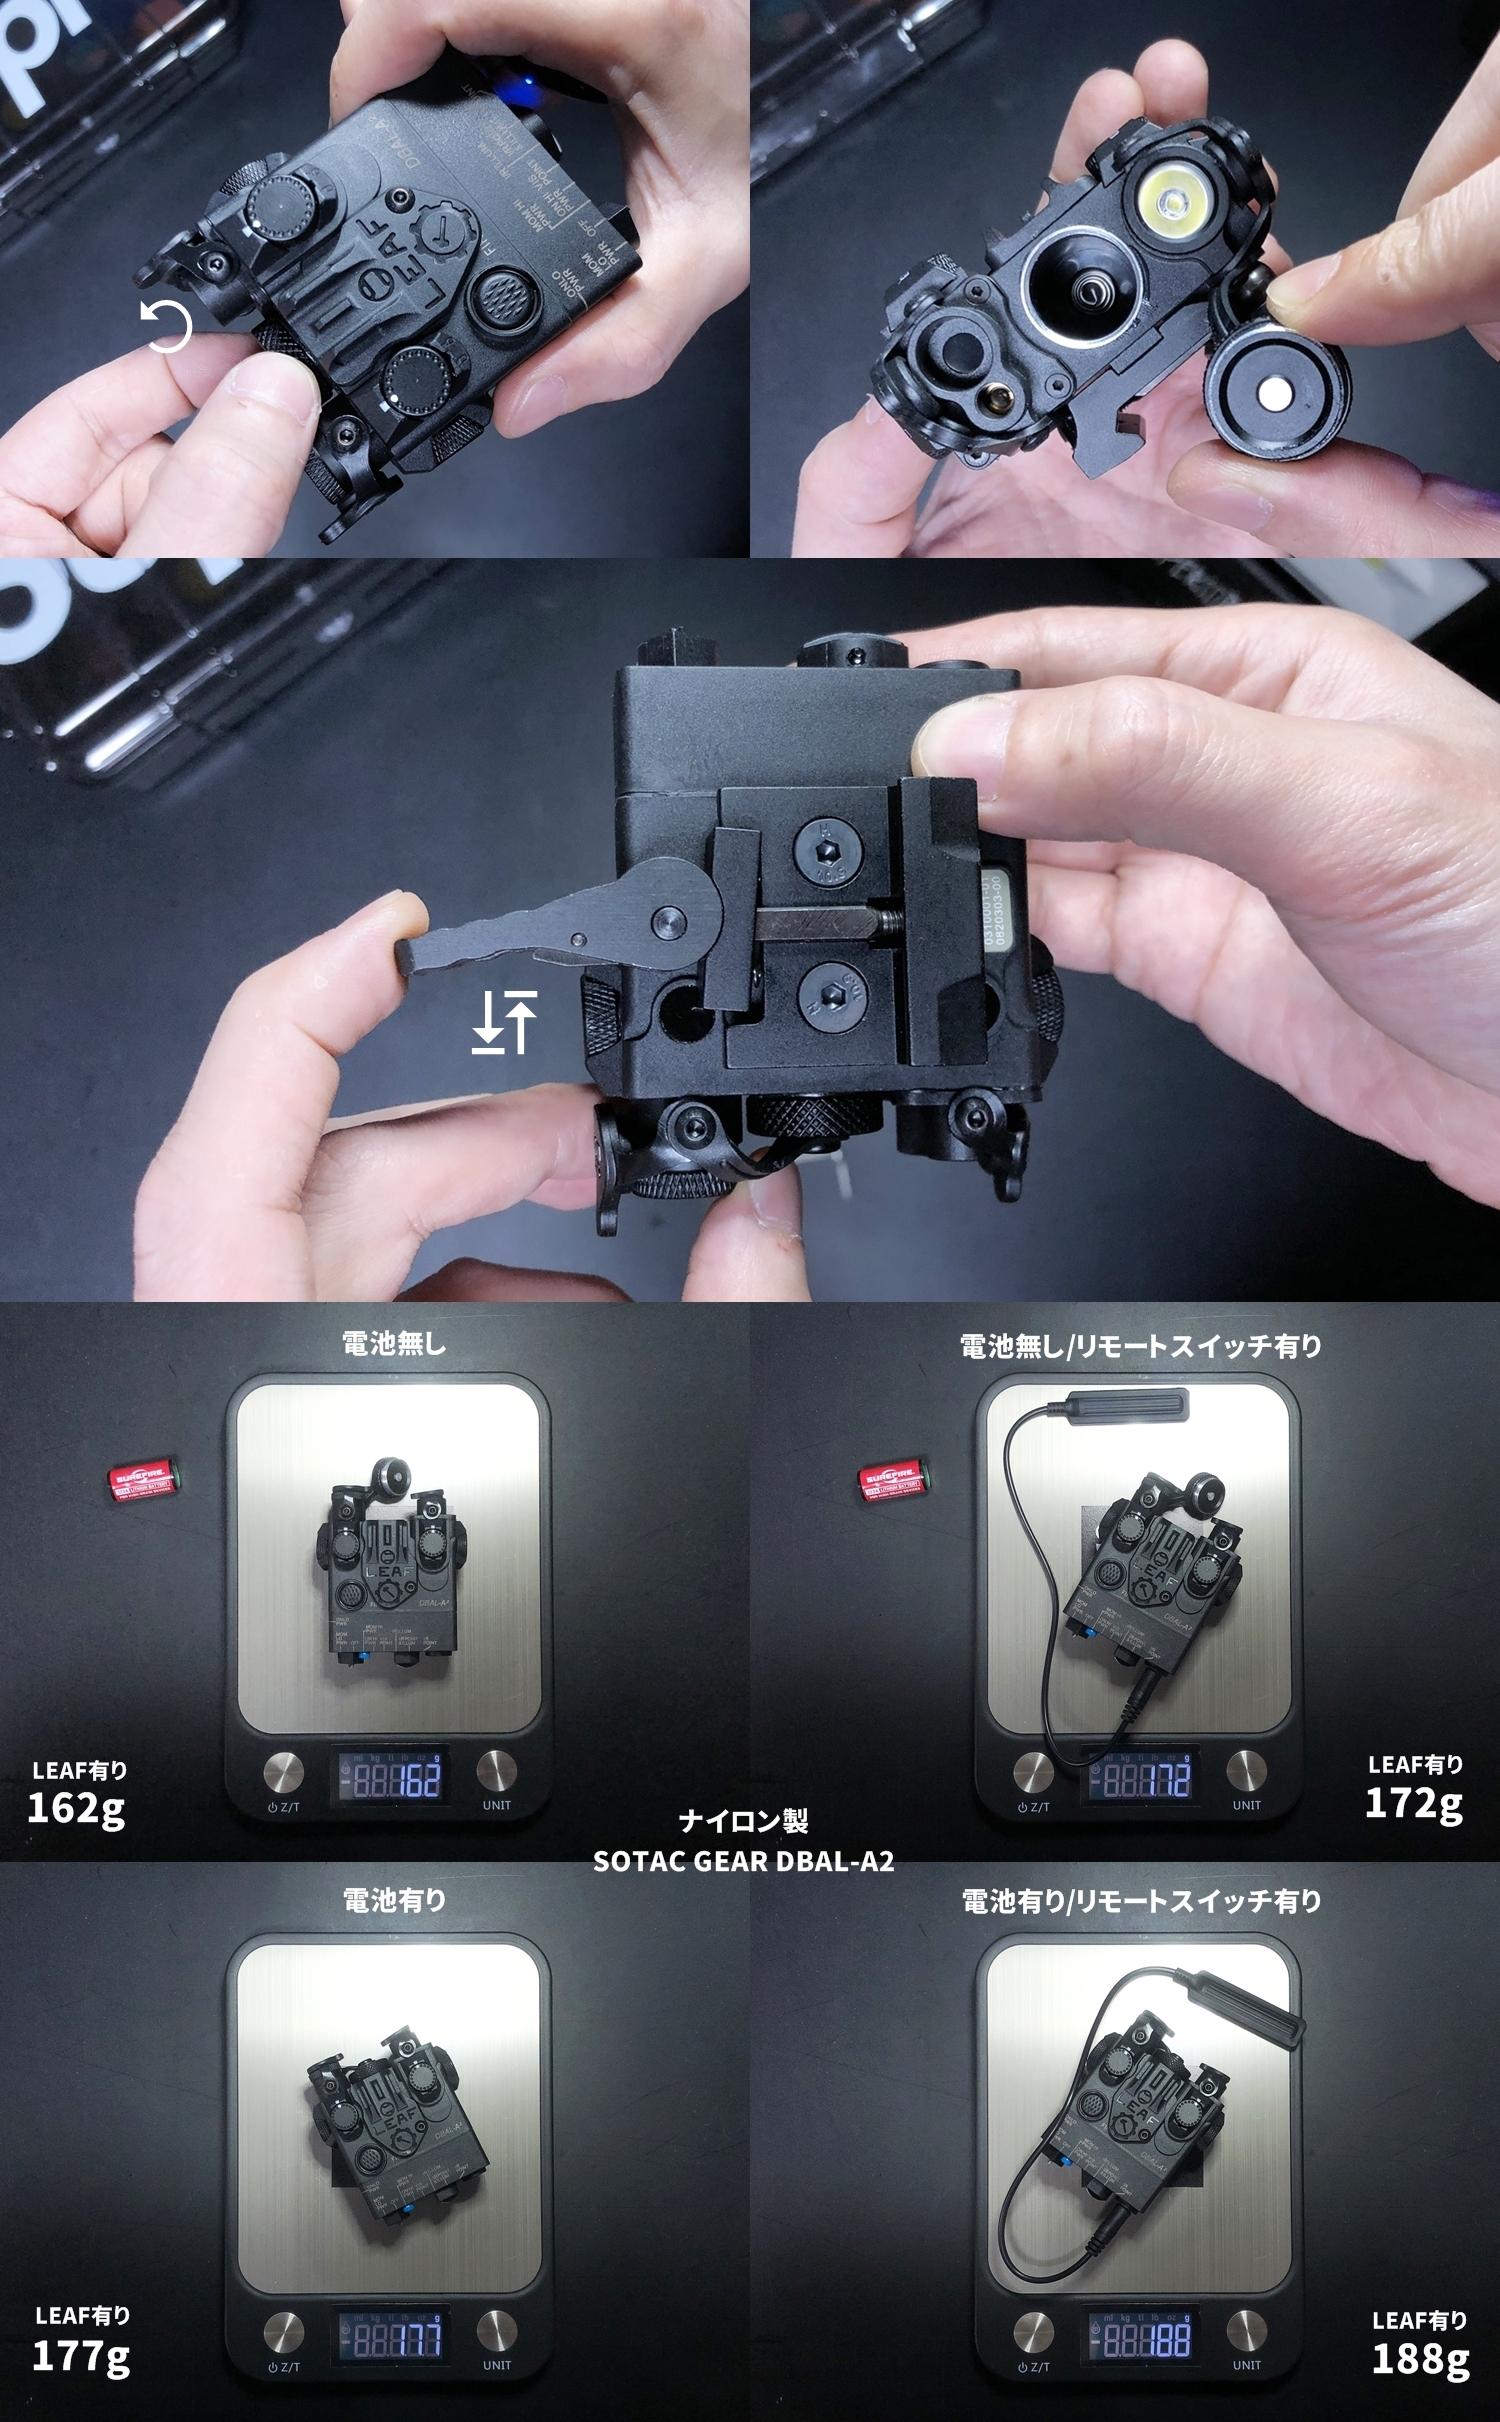 8 SOTAC GEAR DBAL-A2 ANPEQ-15A!! 巷で噂の新製品!!軽量ナイロン製だ!!果たしてLEDライト機能だけなのか! レーザーオミット解除方法!! 購入 検証 比較 解除 取付 レビュー!!